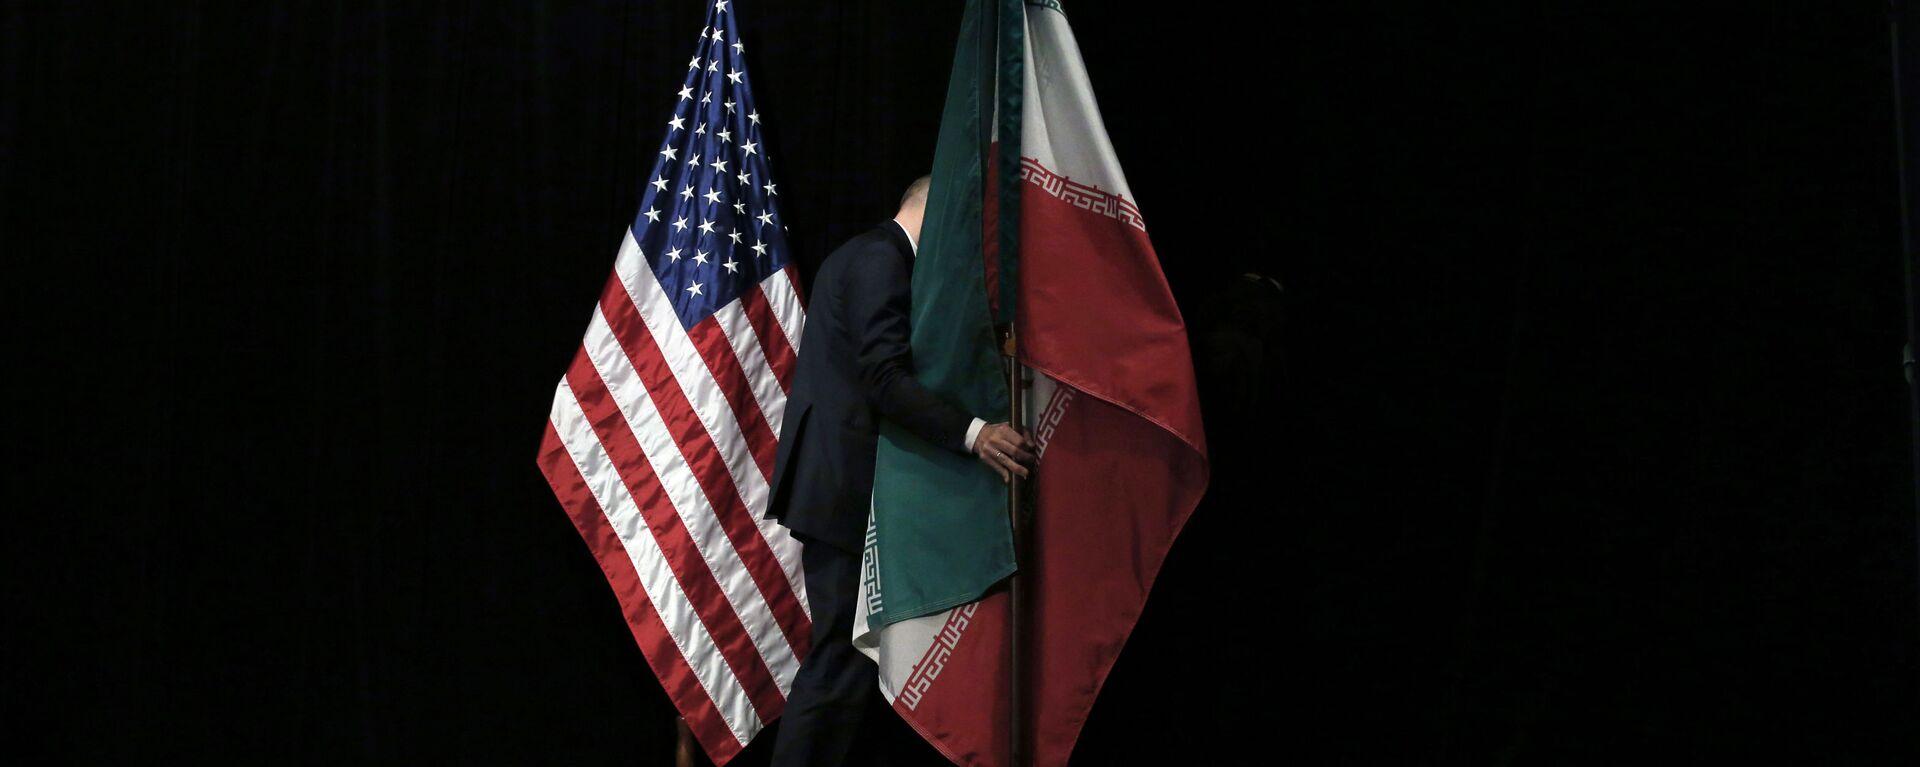 Le bandiere degli Usa e dell'Iran - Sputnik Italia, 1920, 03.07.2021